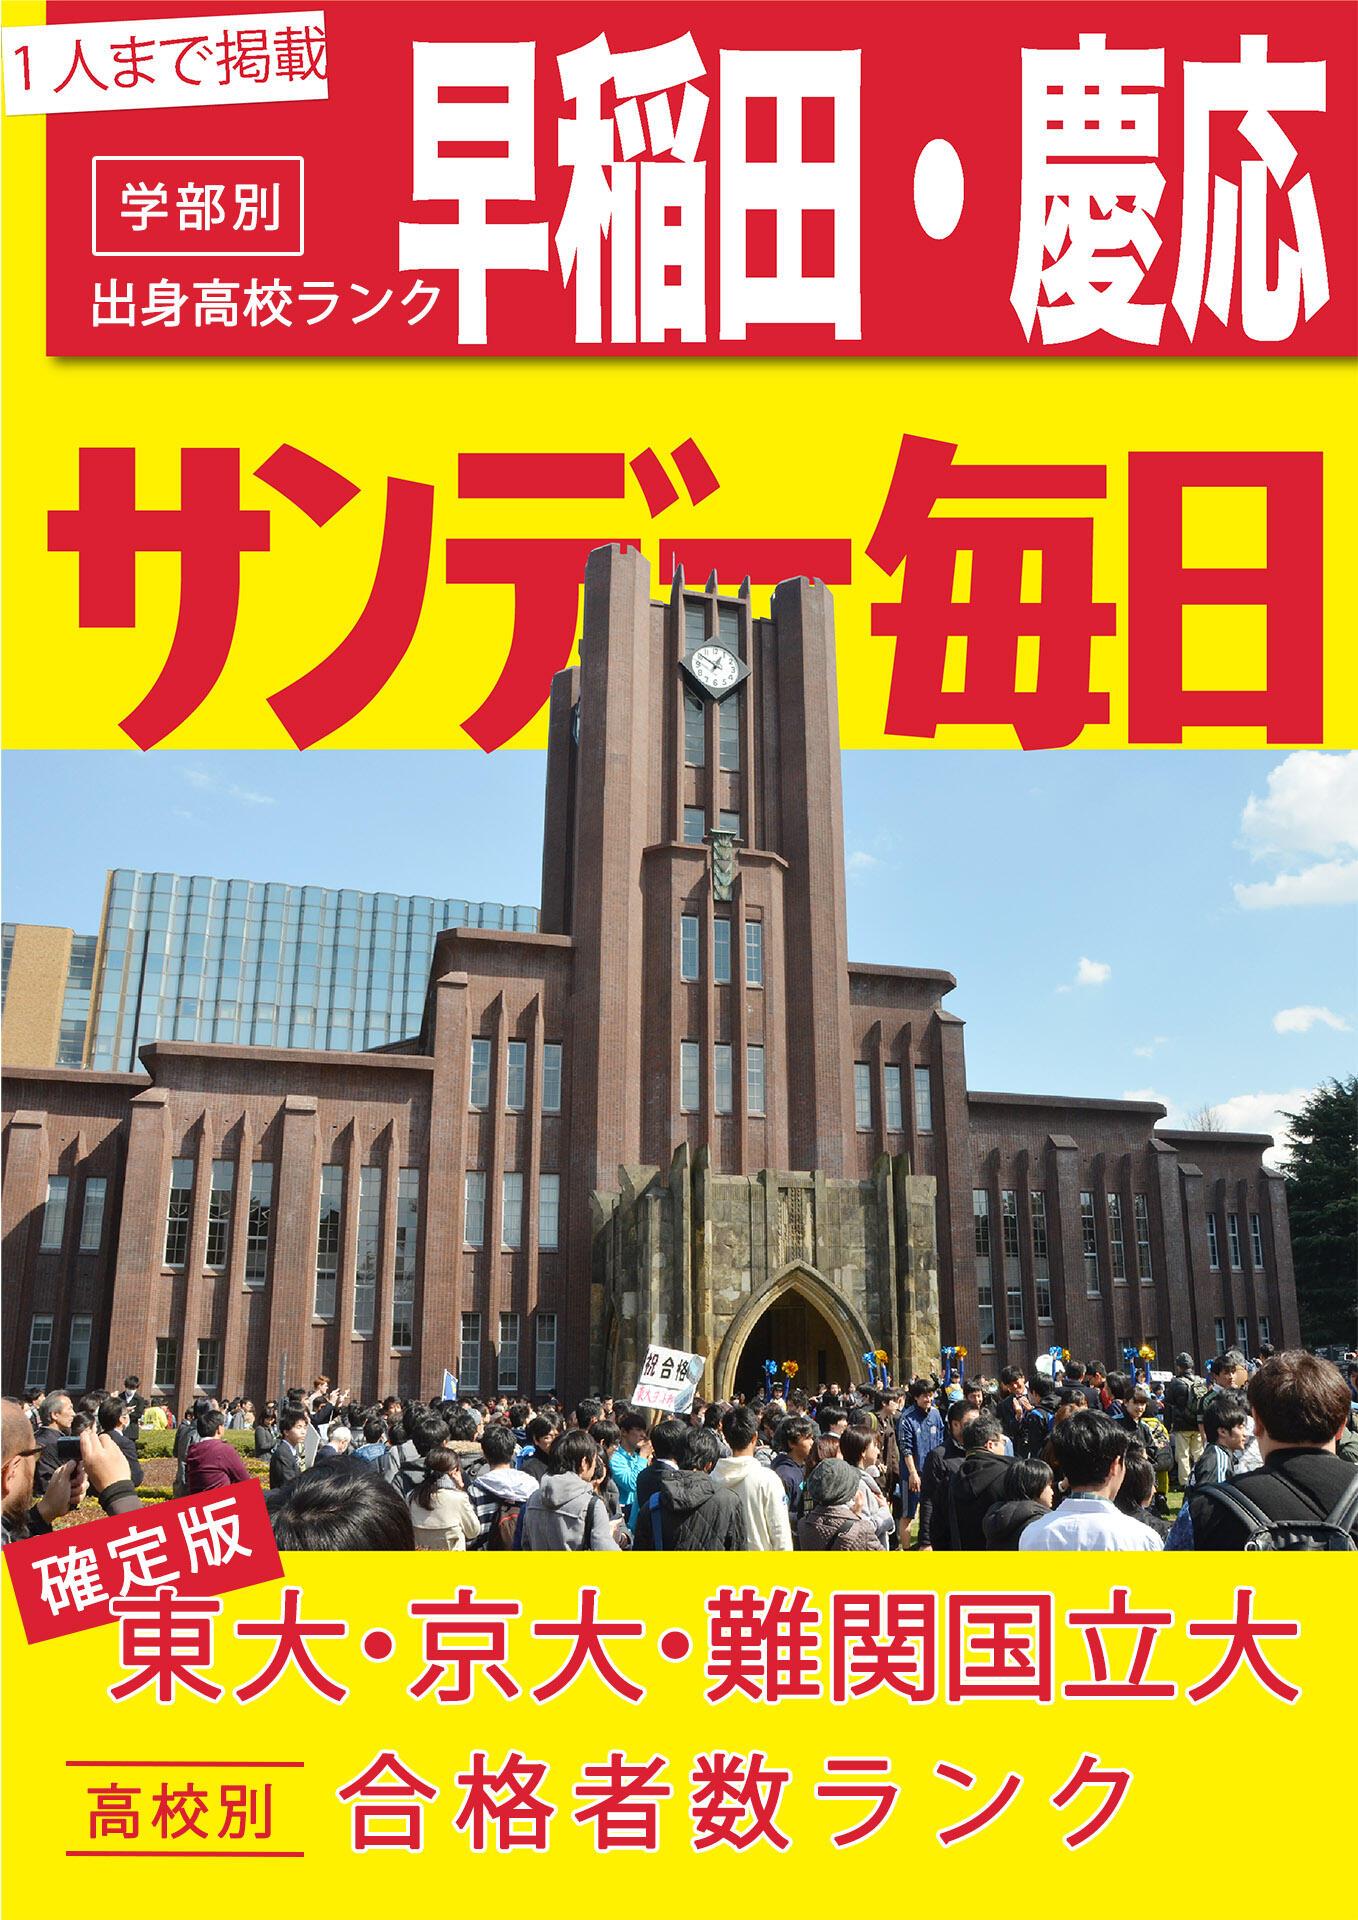 書影:大学合格者高校別ランキング② 早稲田・慶應+国公立前期確定号